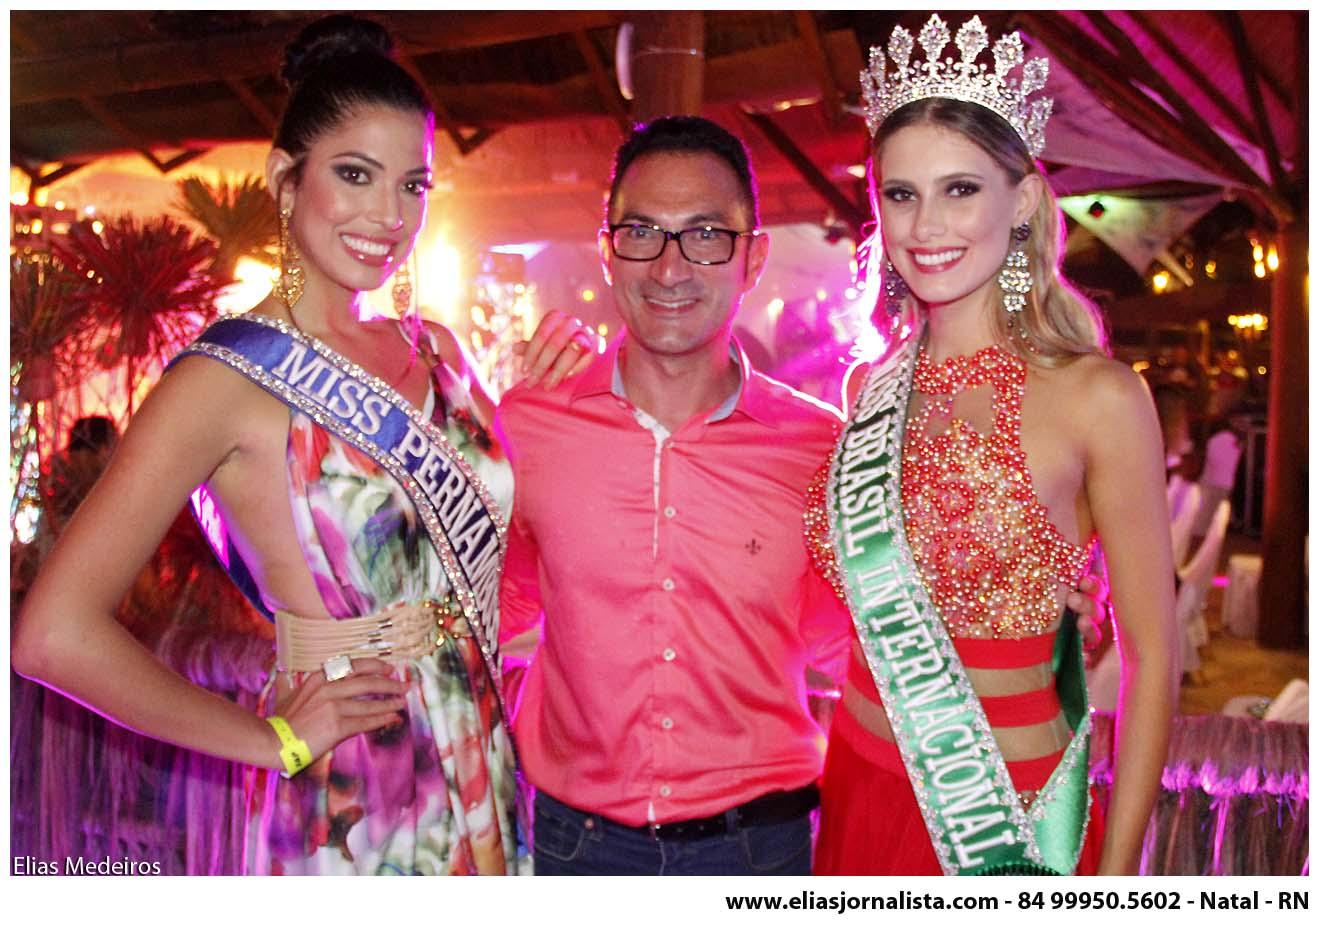 brasil top 10 de miss internacional 2015. MG_0144